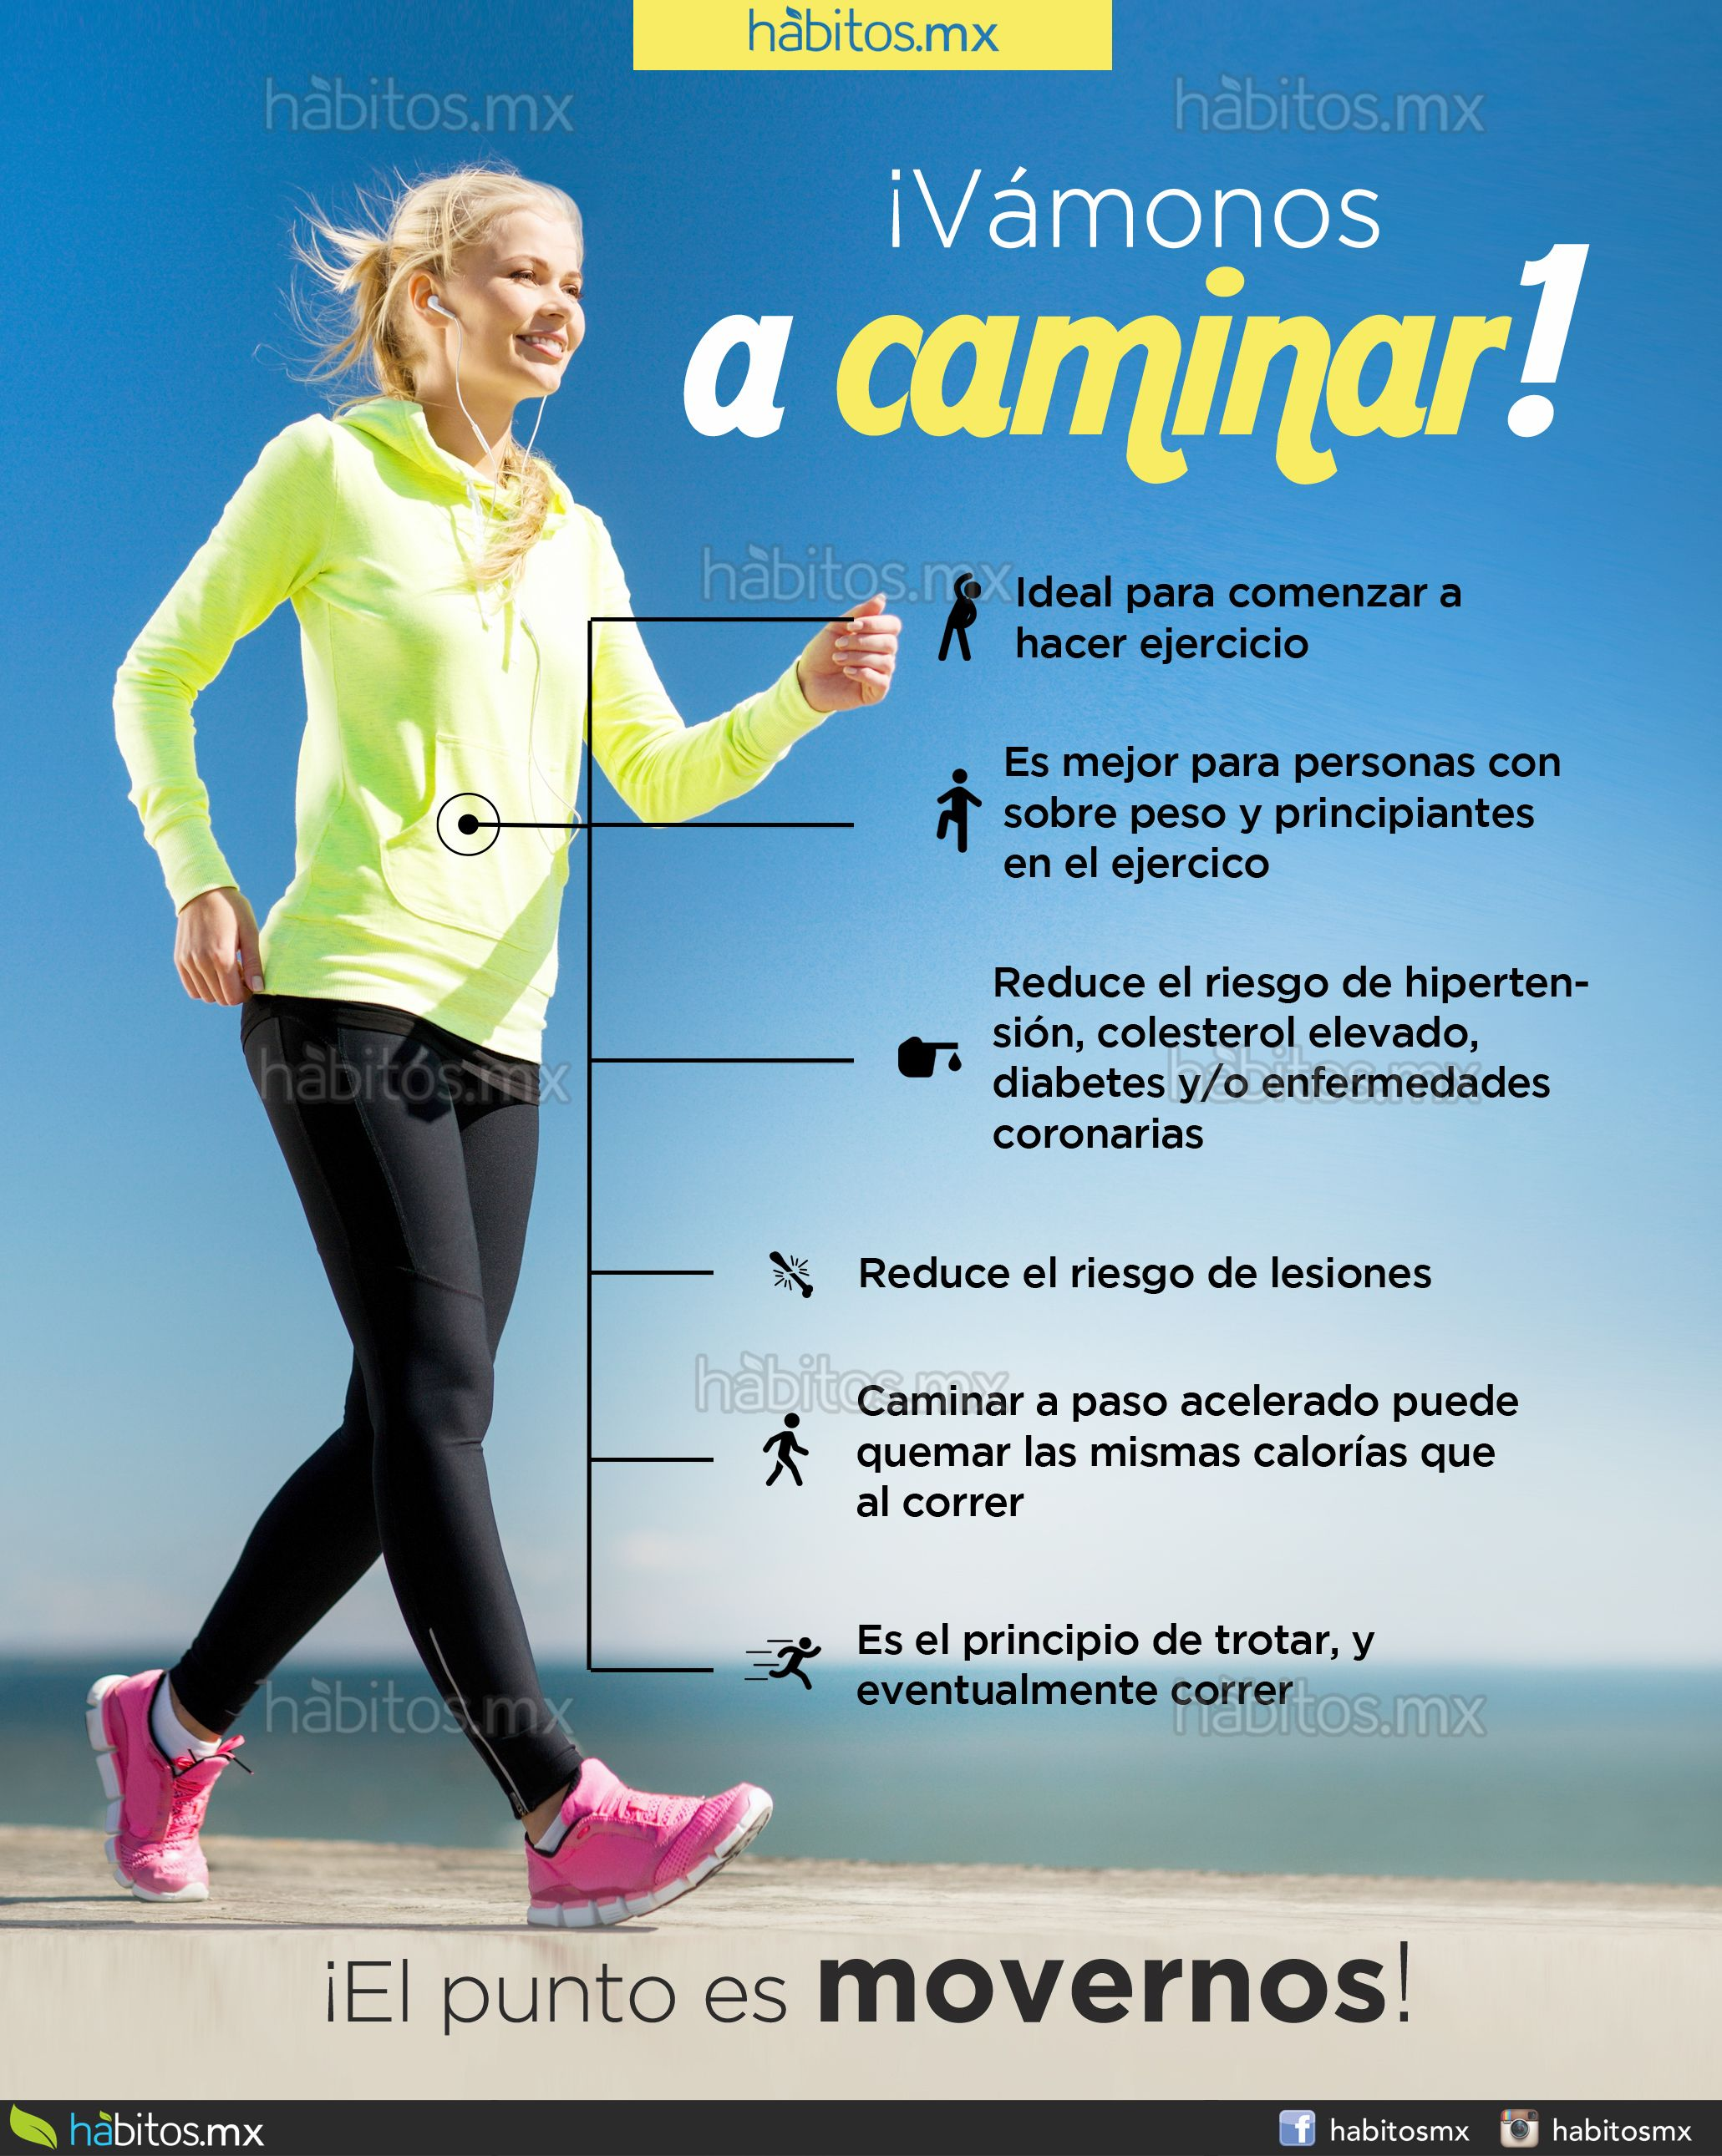 que es mejor para adelgazar caminar o correr